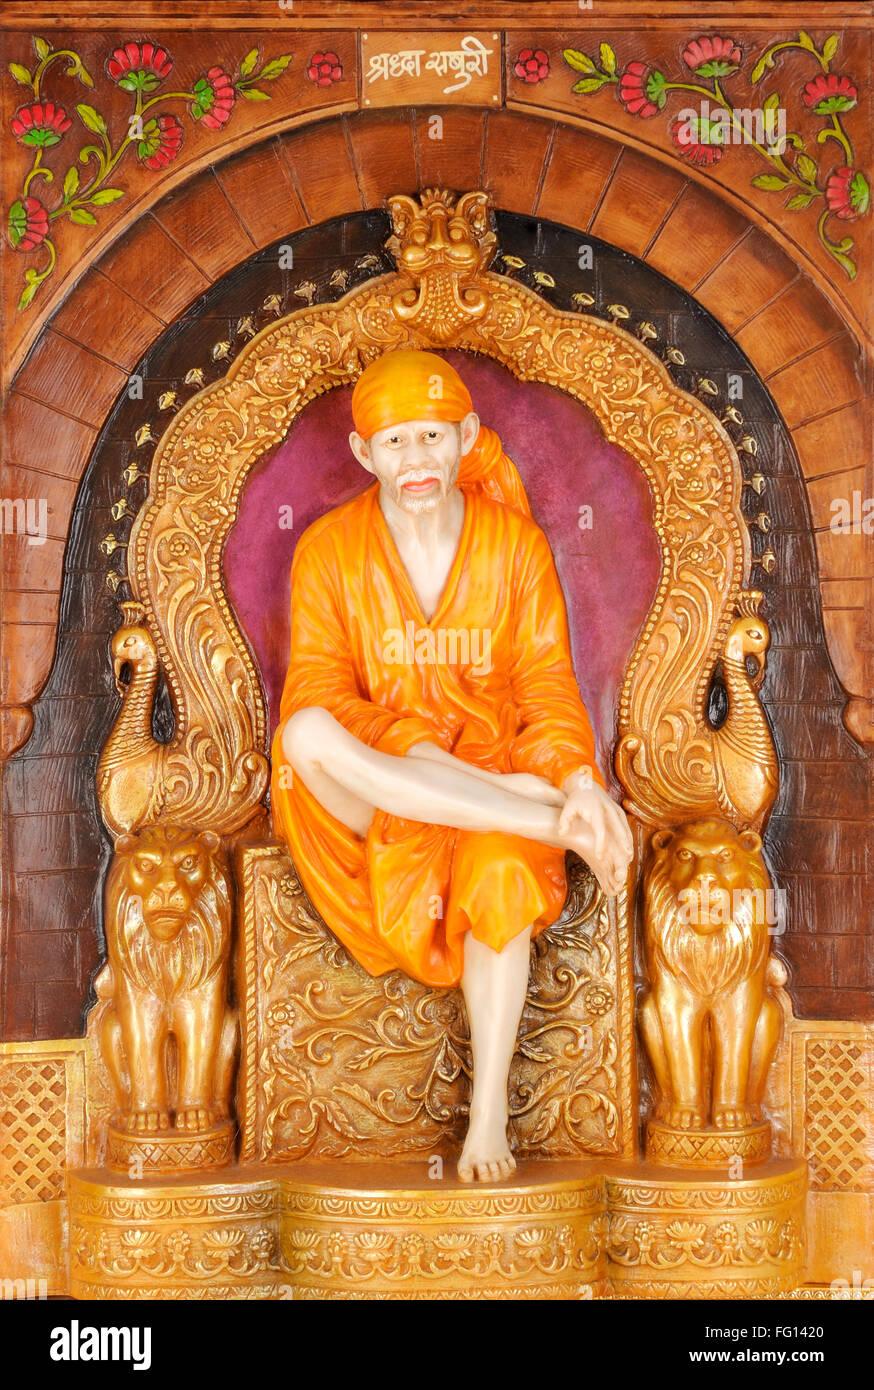 Statue of lord sai baba